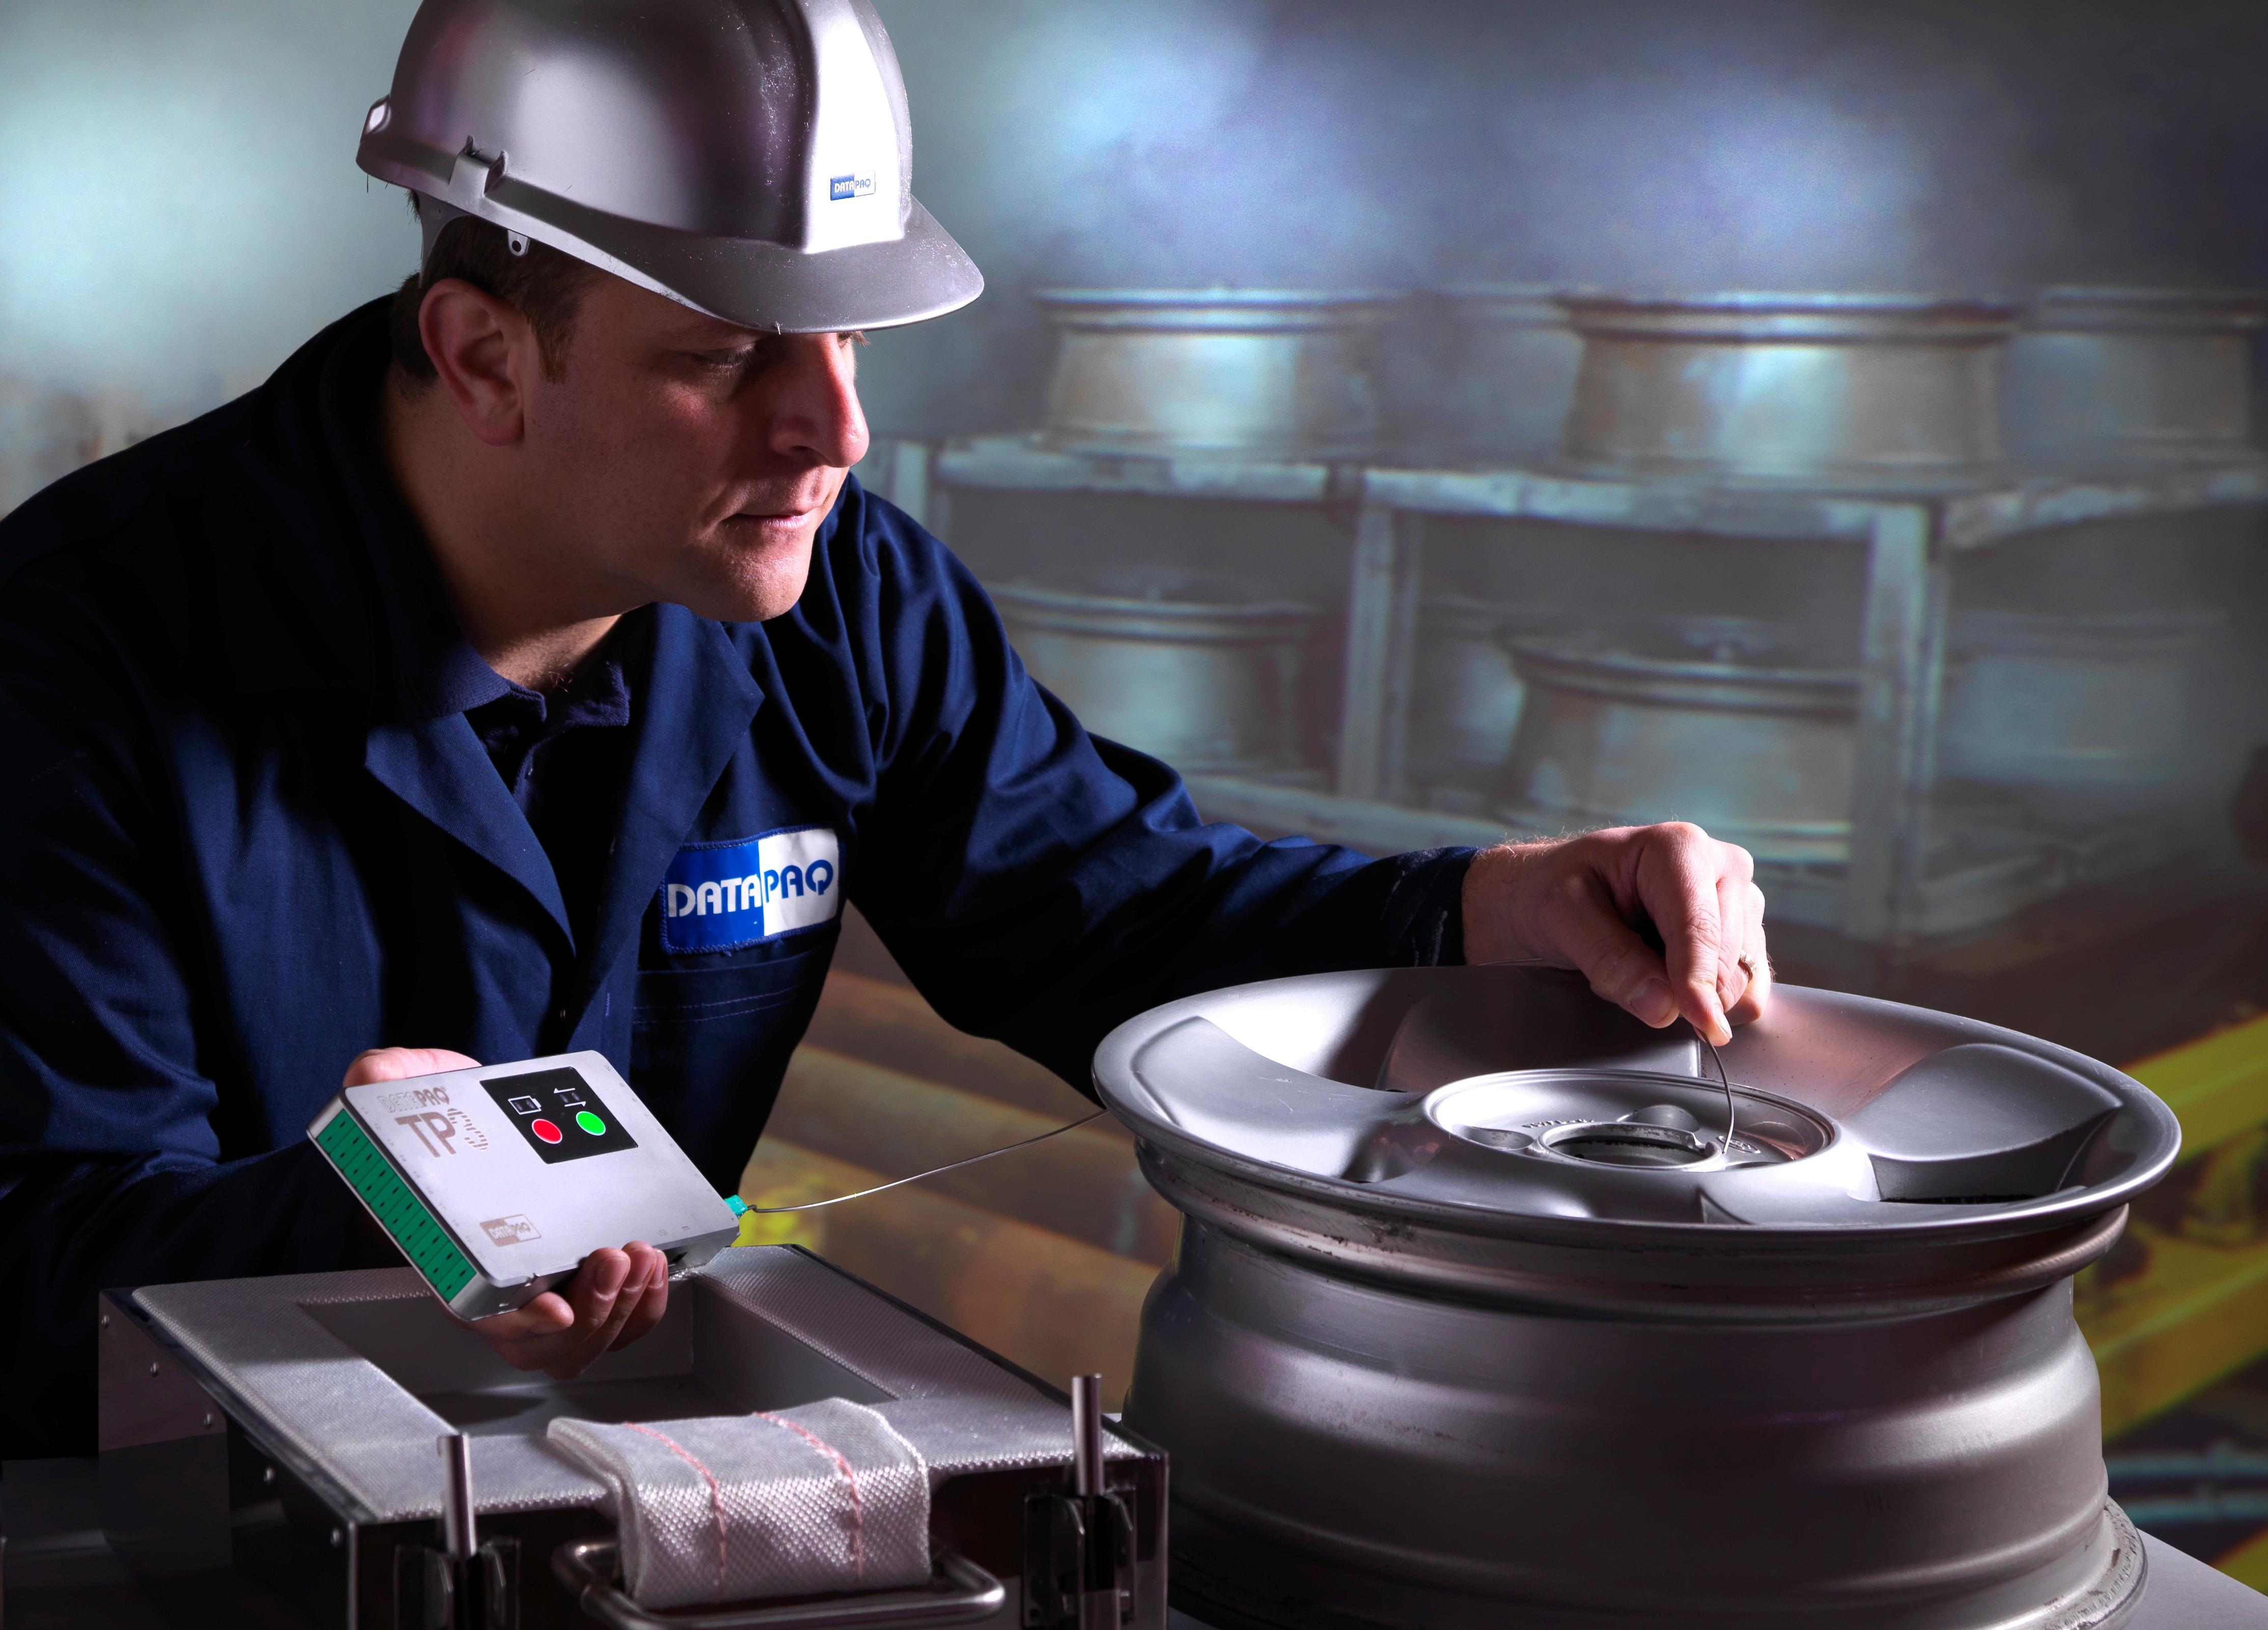 Registrador de temperatura TP3 para automoción, metalmecánica y tratamientos térmicos.